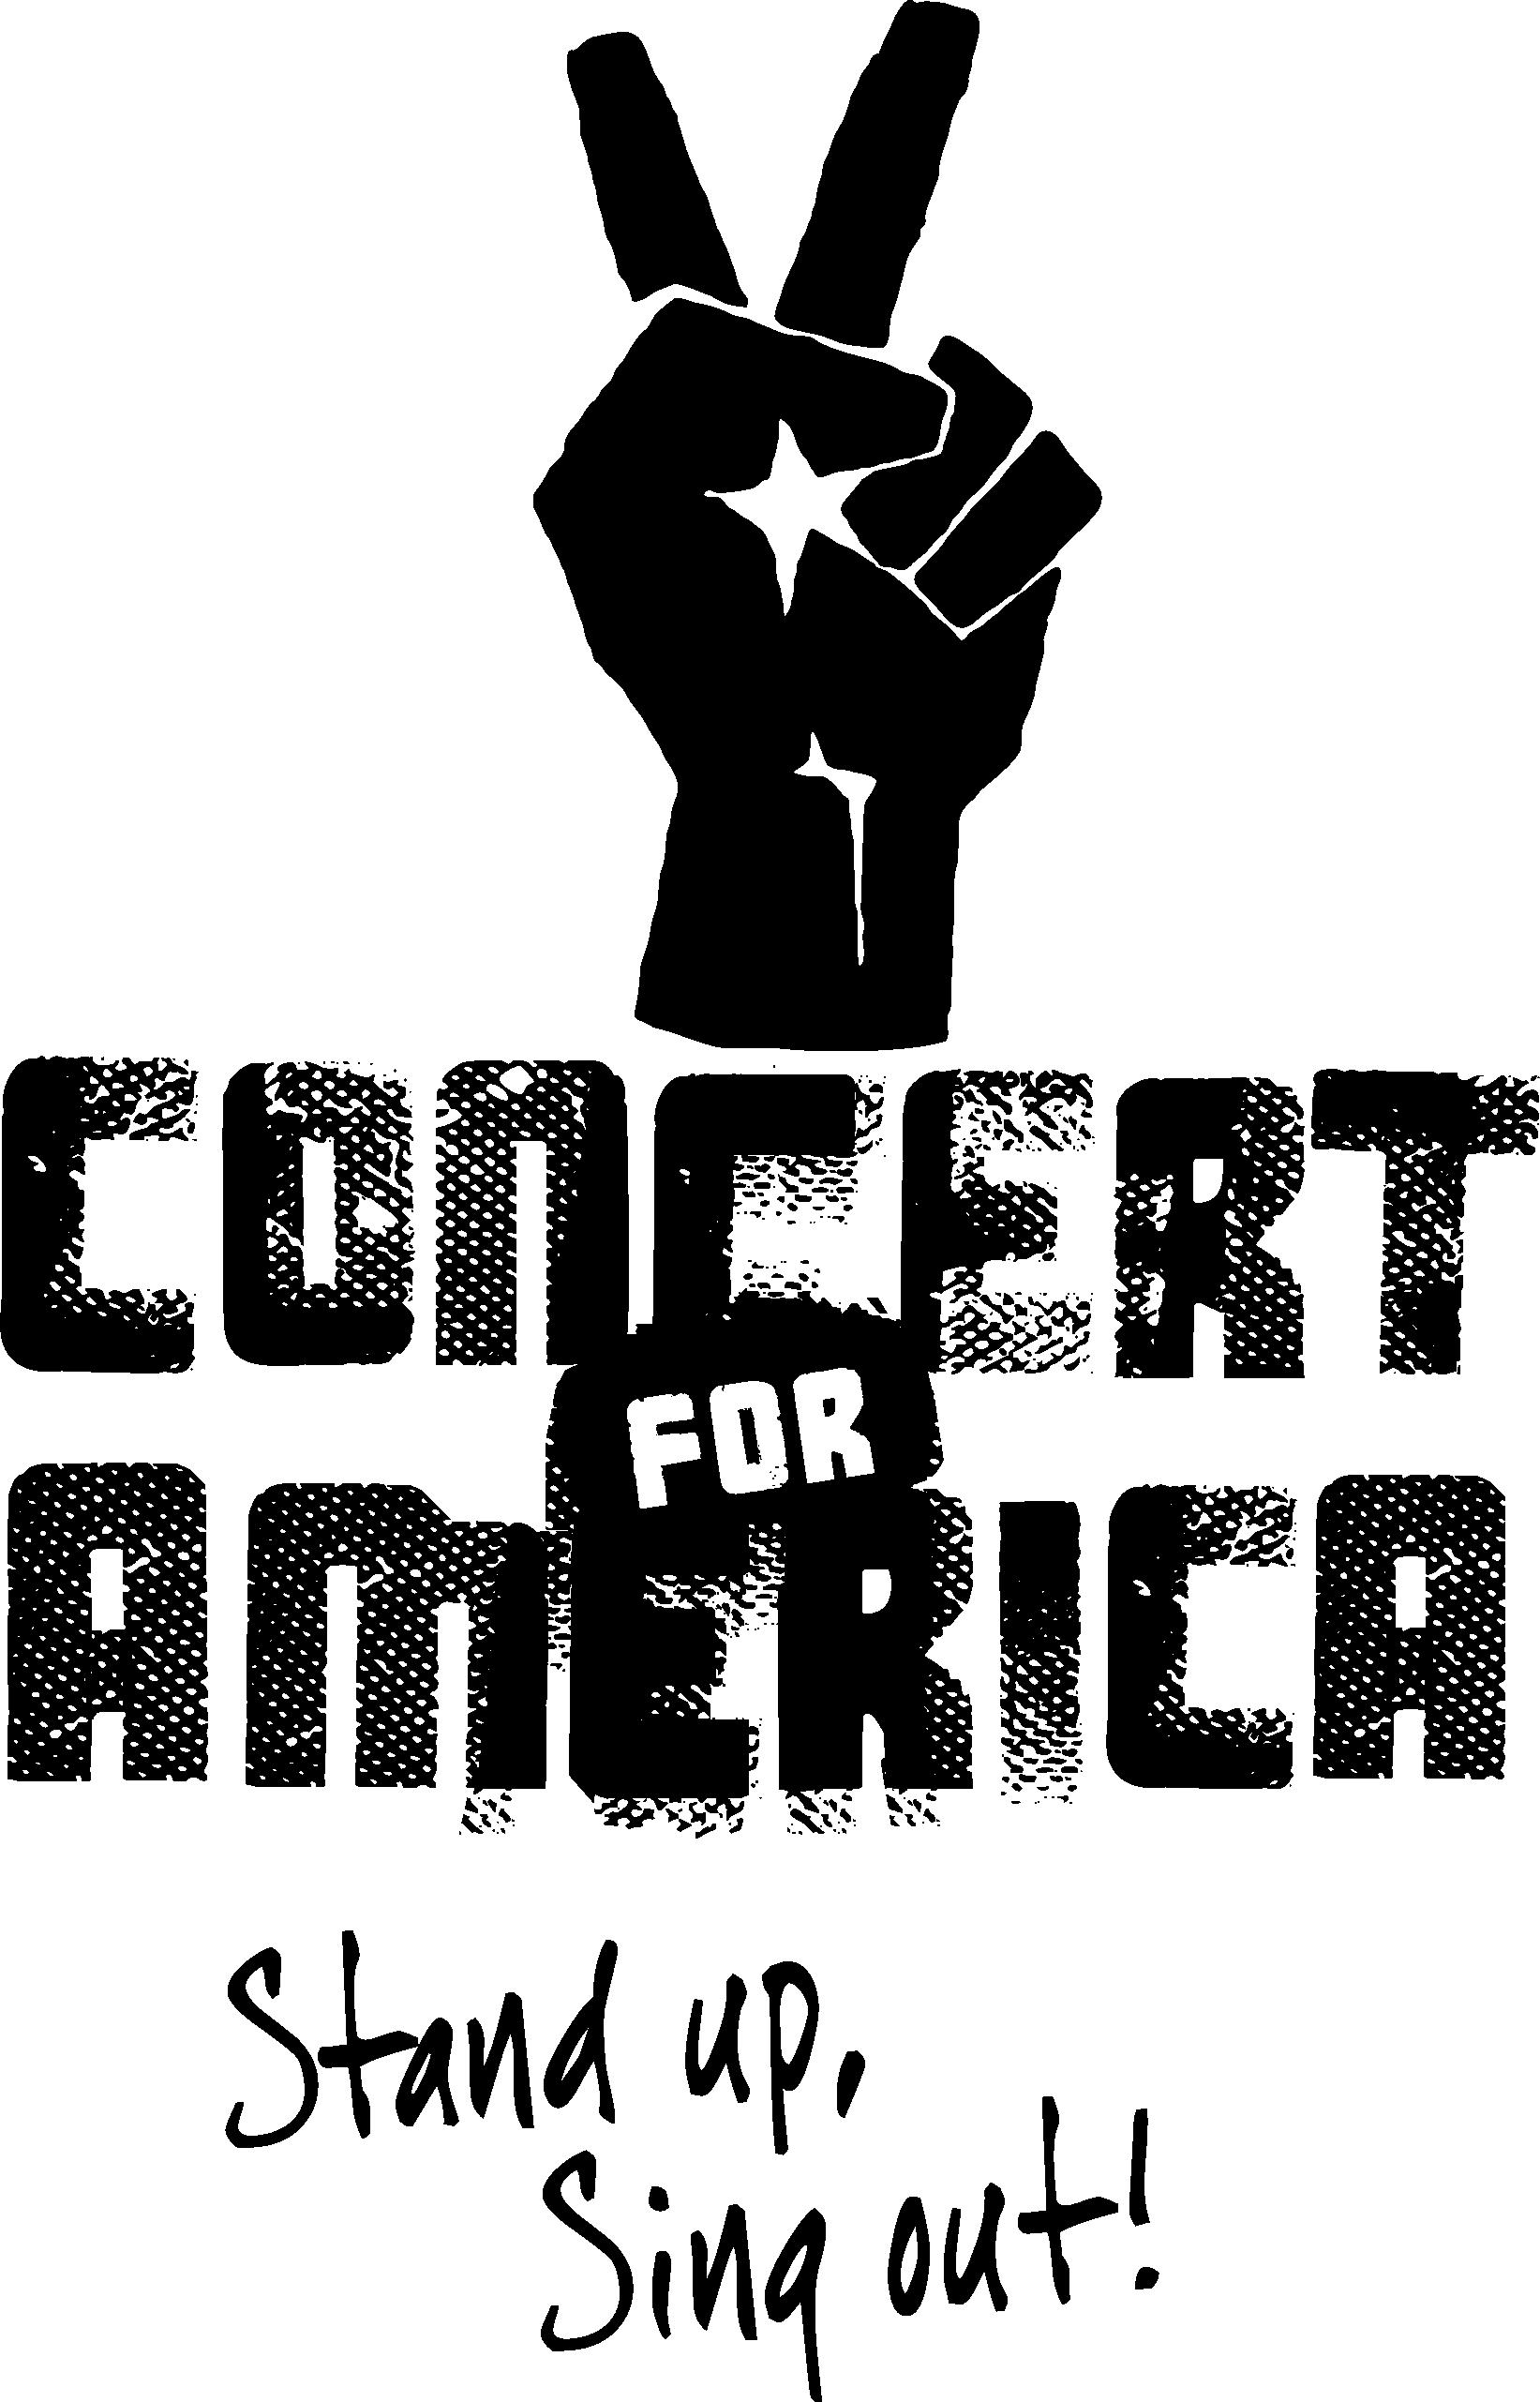 67c.ConcertForAmerica LogoTag monochrome 20170106